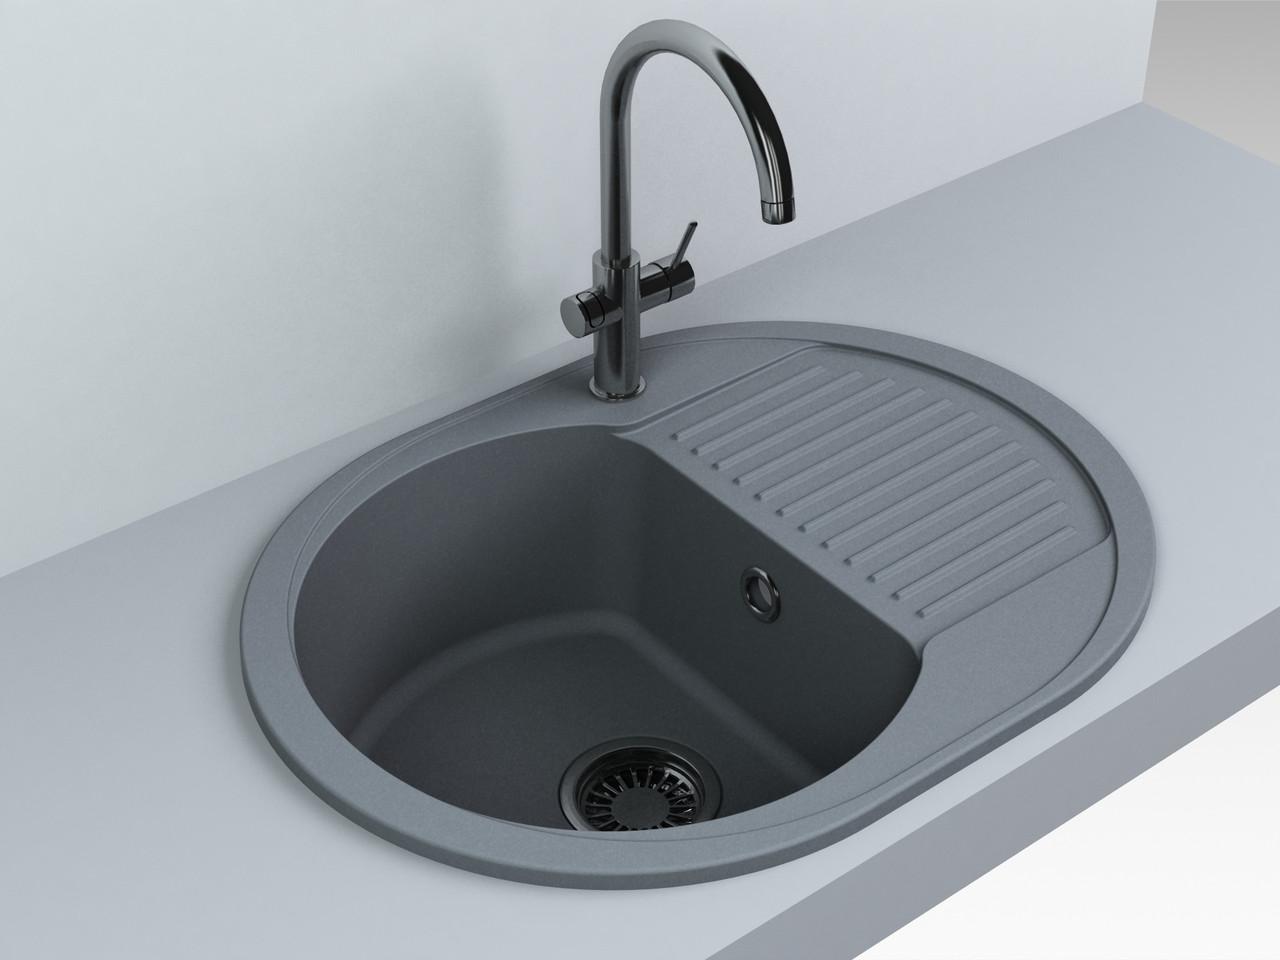 Кухонная мойка Fancy Marble Yuta, 102067013, gray